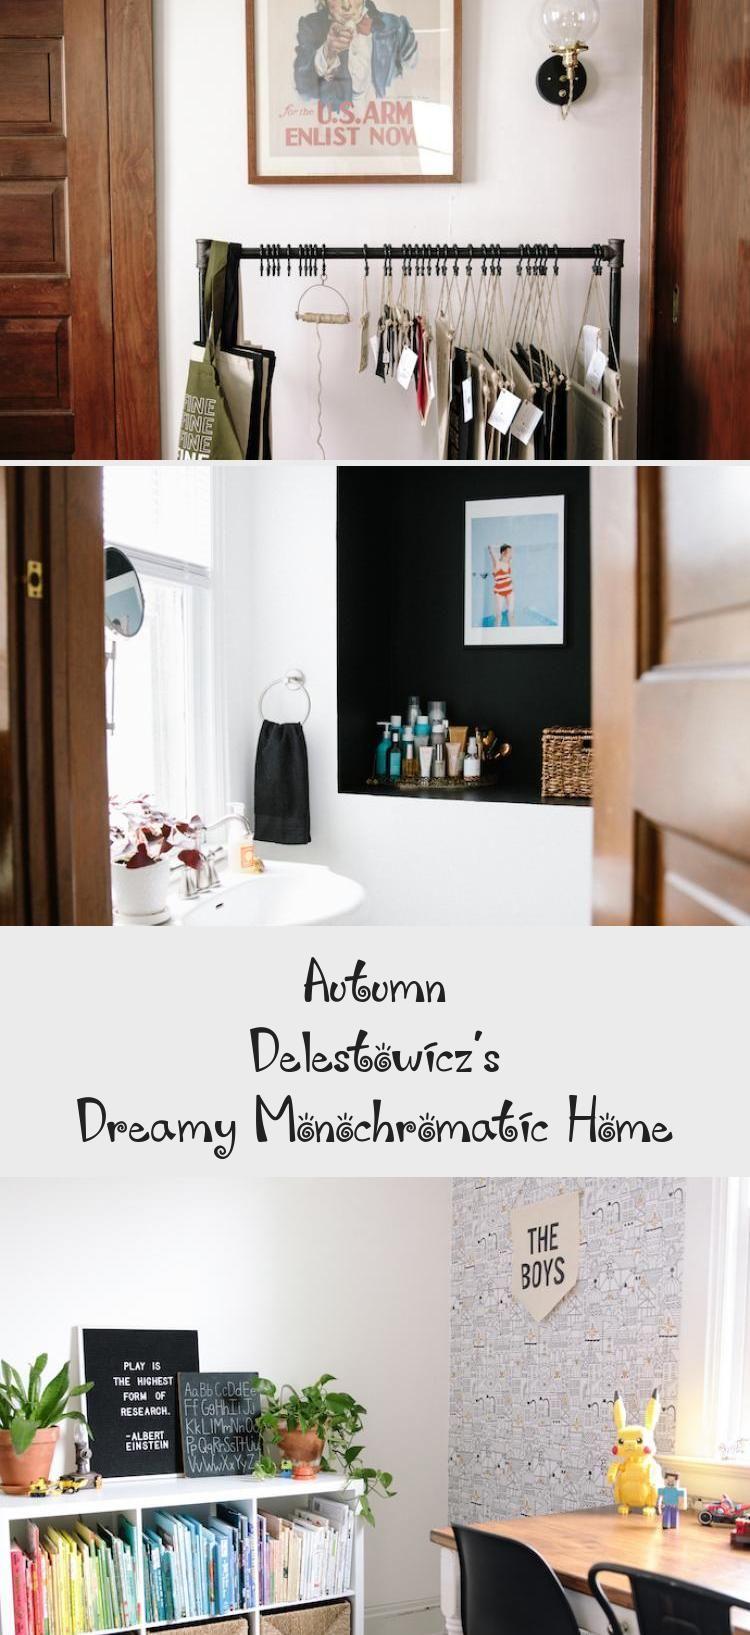 Dreamy Monochromatic Home Decor